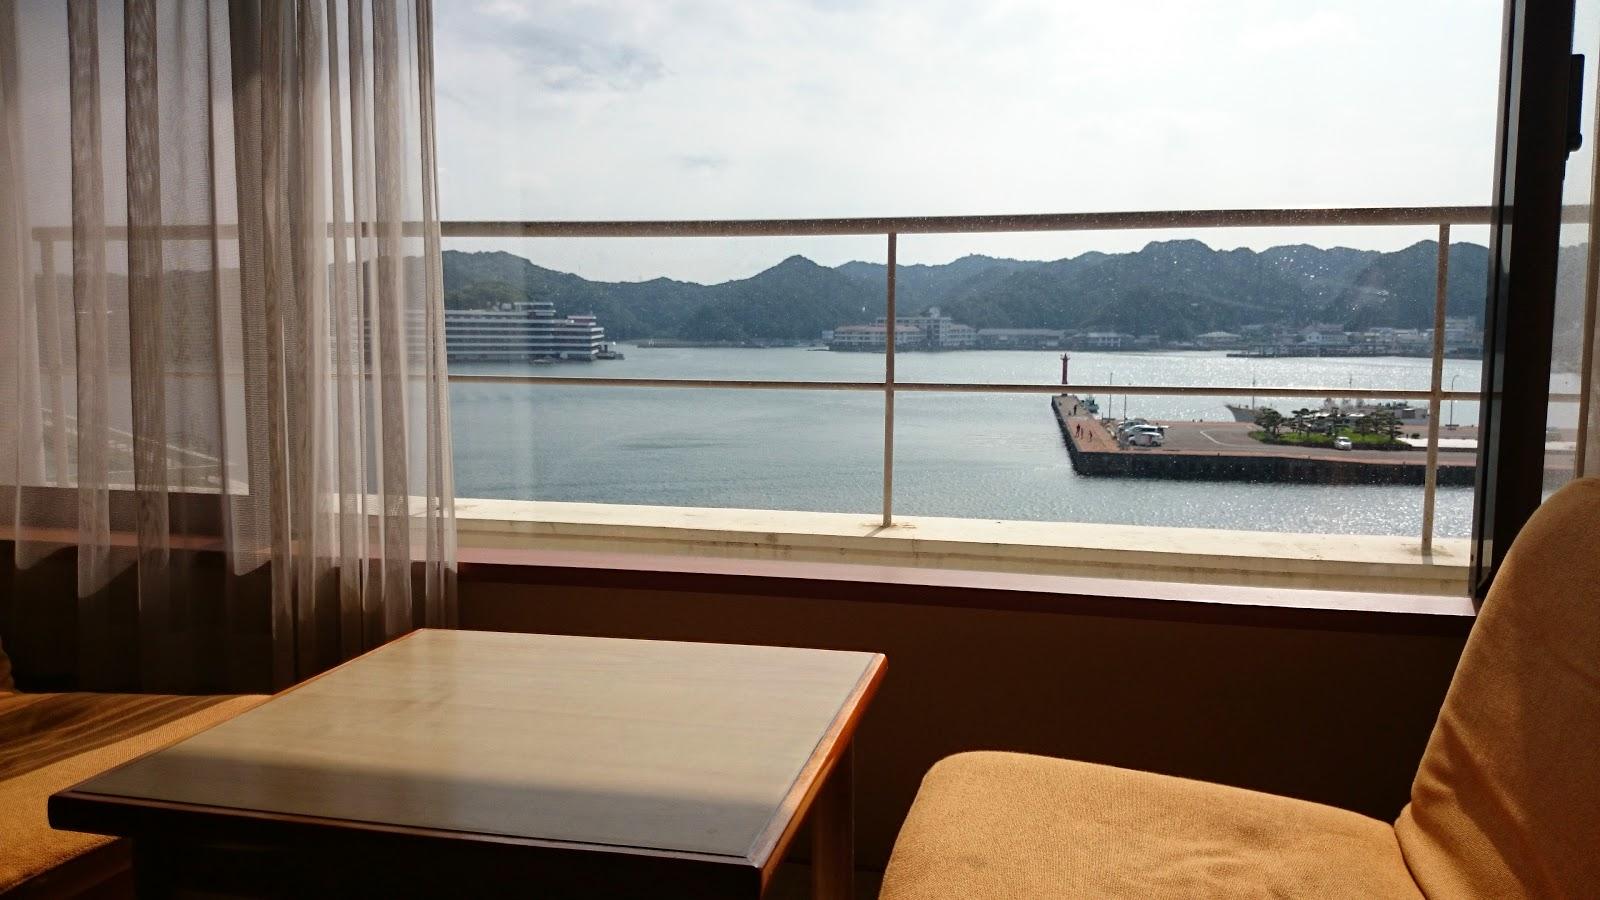 禎禎家的生活: 大阪-那智勝浦浦島溫泉飯店 (2014/7/29)